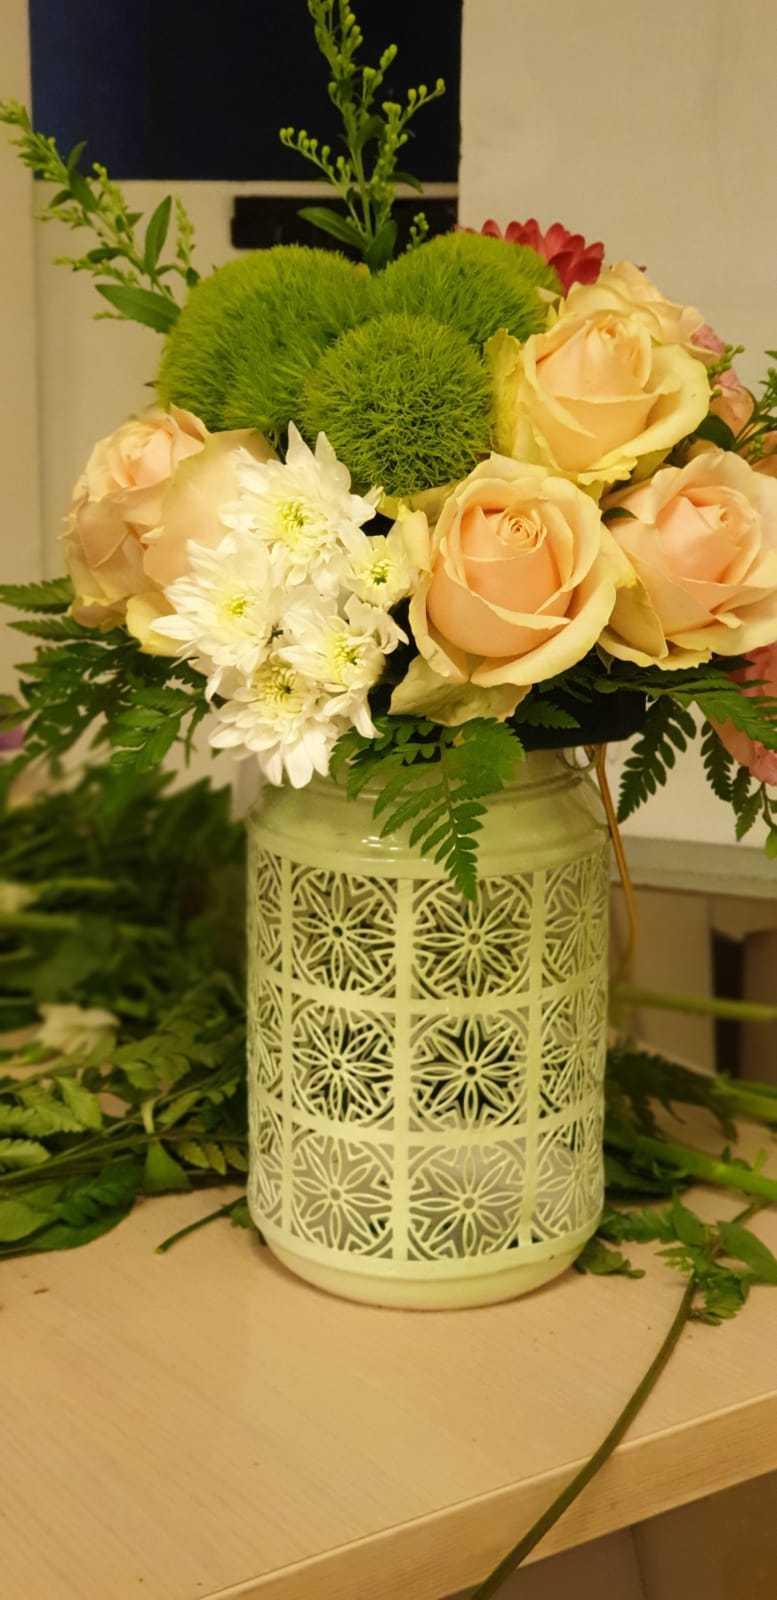 גלרייה - שיעור שזירת פרחים - קורס הפקת אירועים מחזור 23, 32 מתוך 32